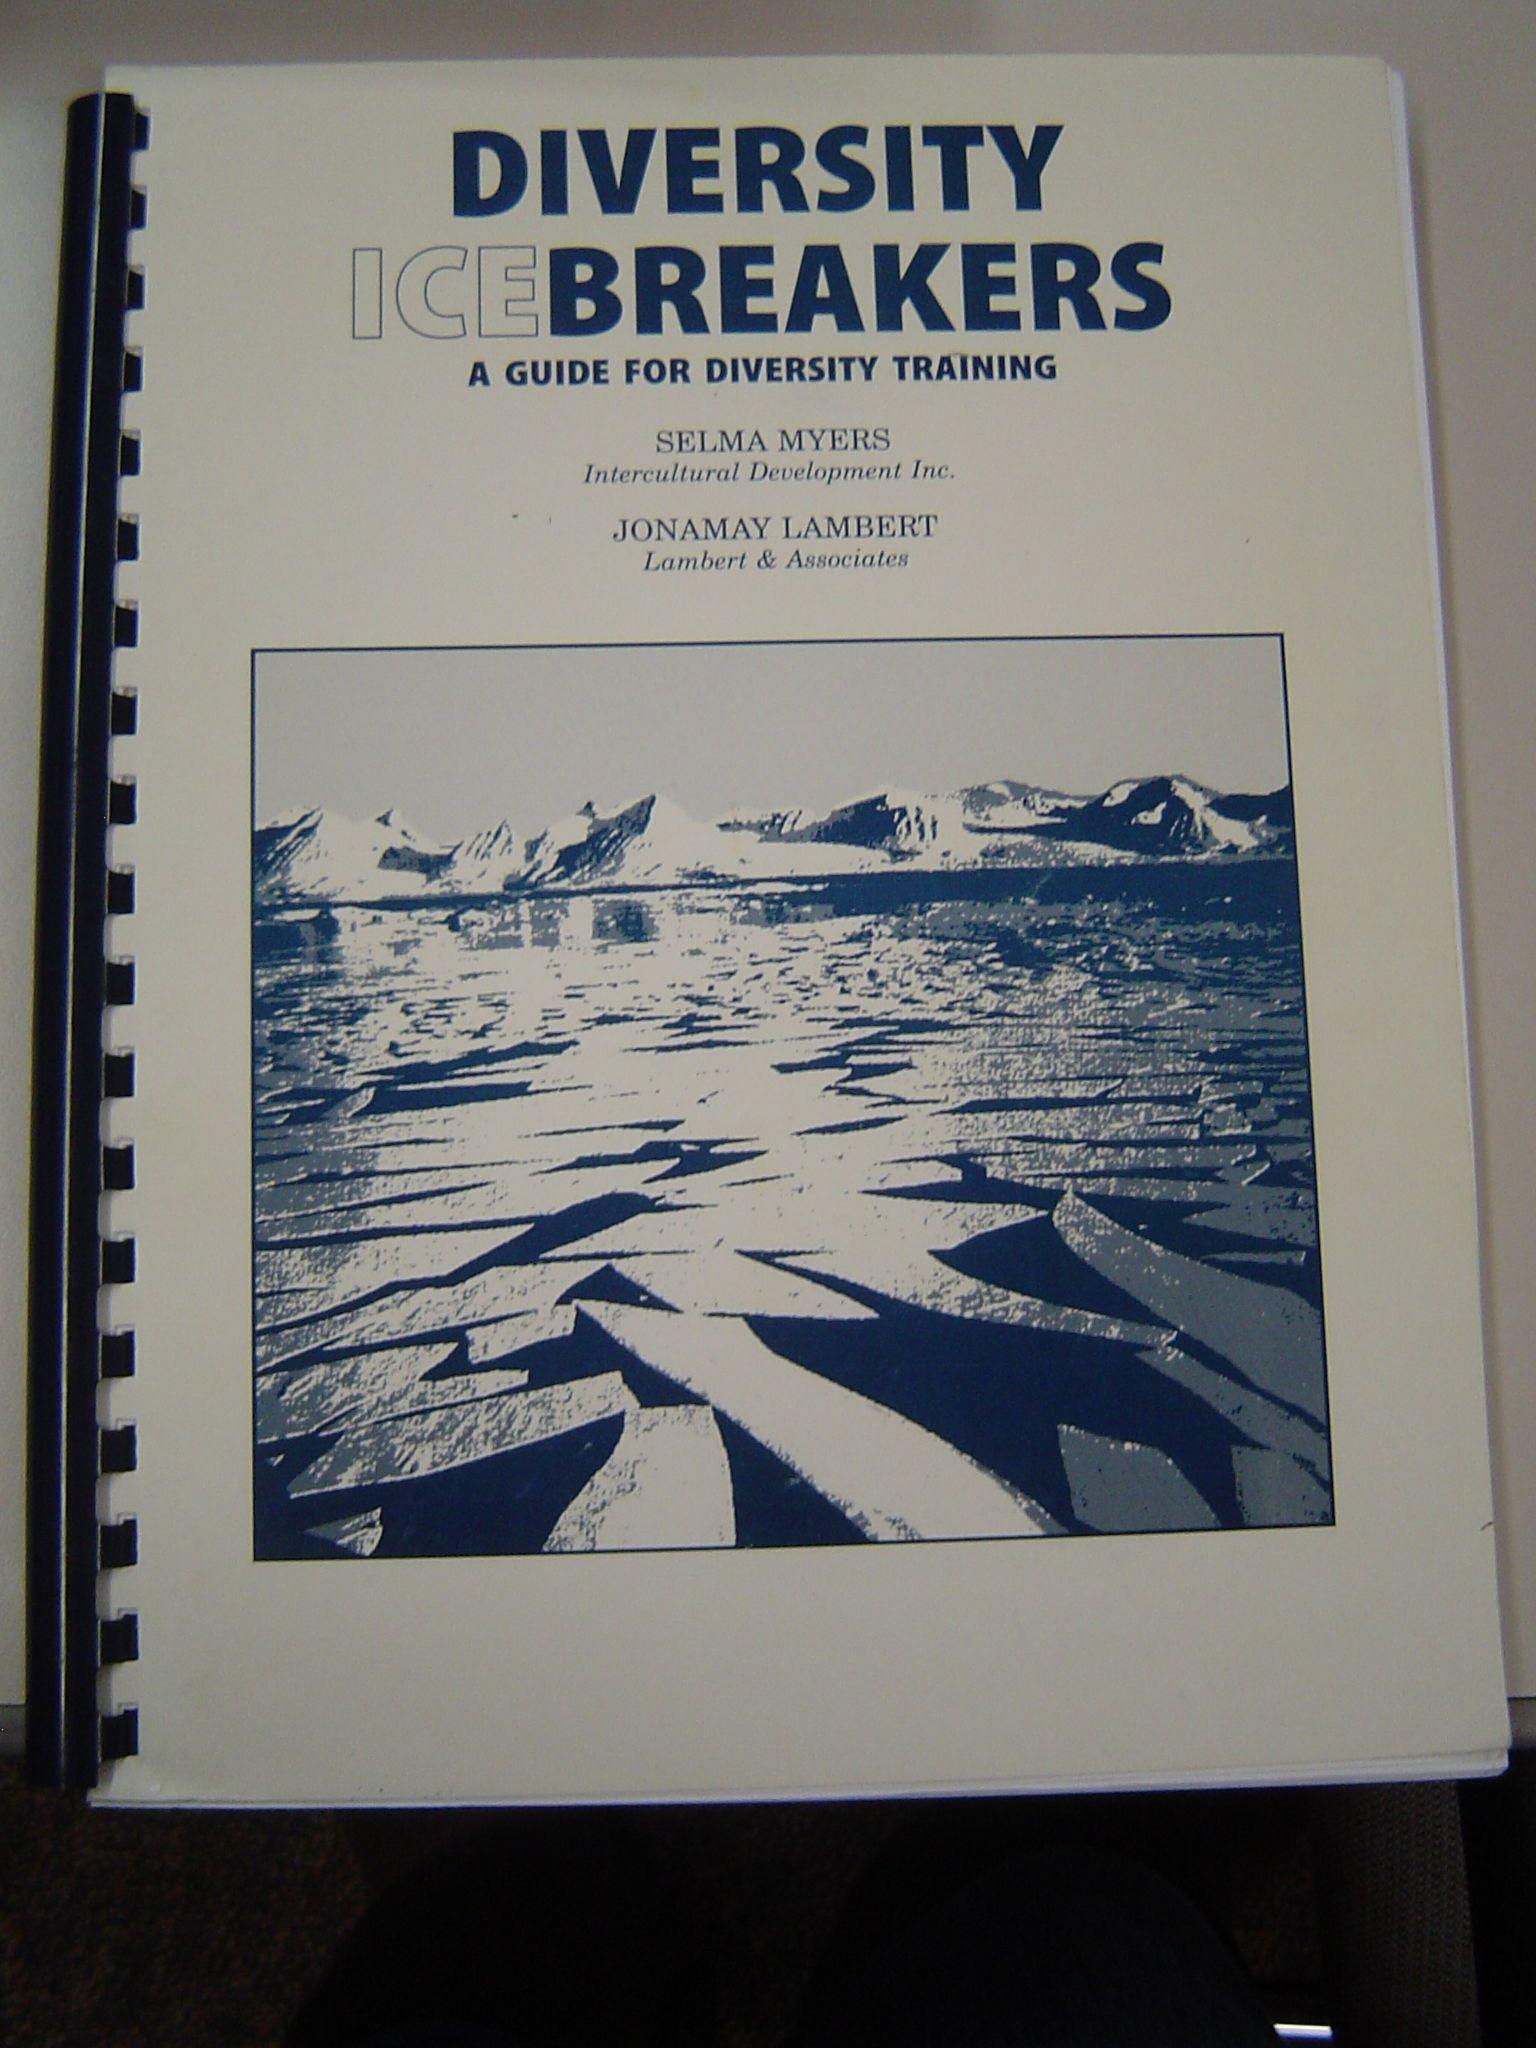 Diversity Icebreakers By Selma Myers Jonamay Lambert